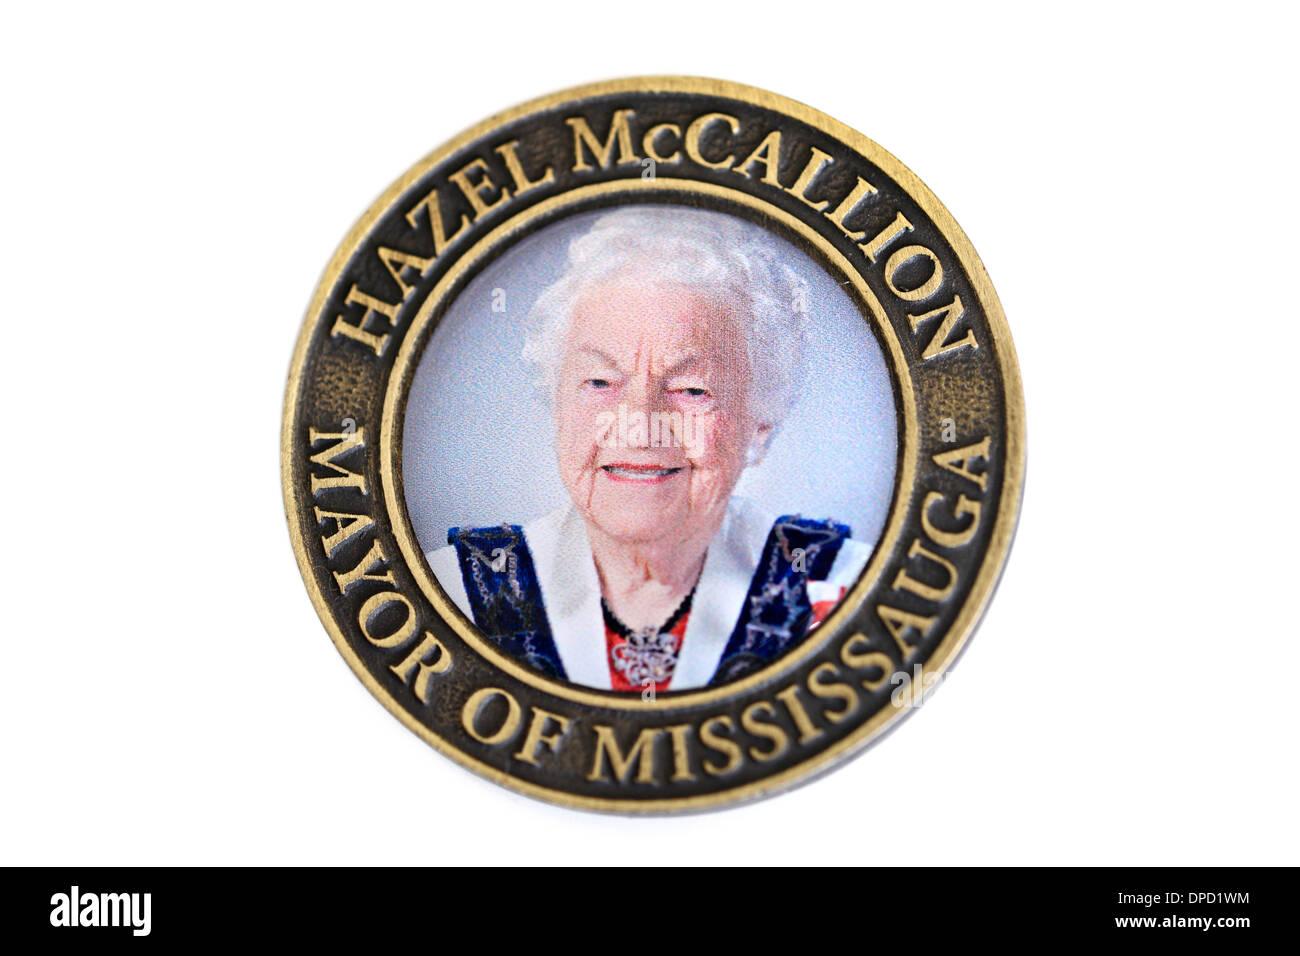 Mayor Hazel McCallion Commemorative Medallion, January 1, 2014. - Stock Image